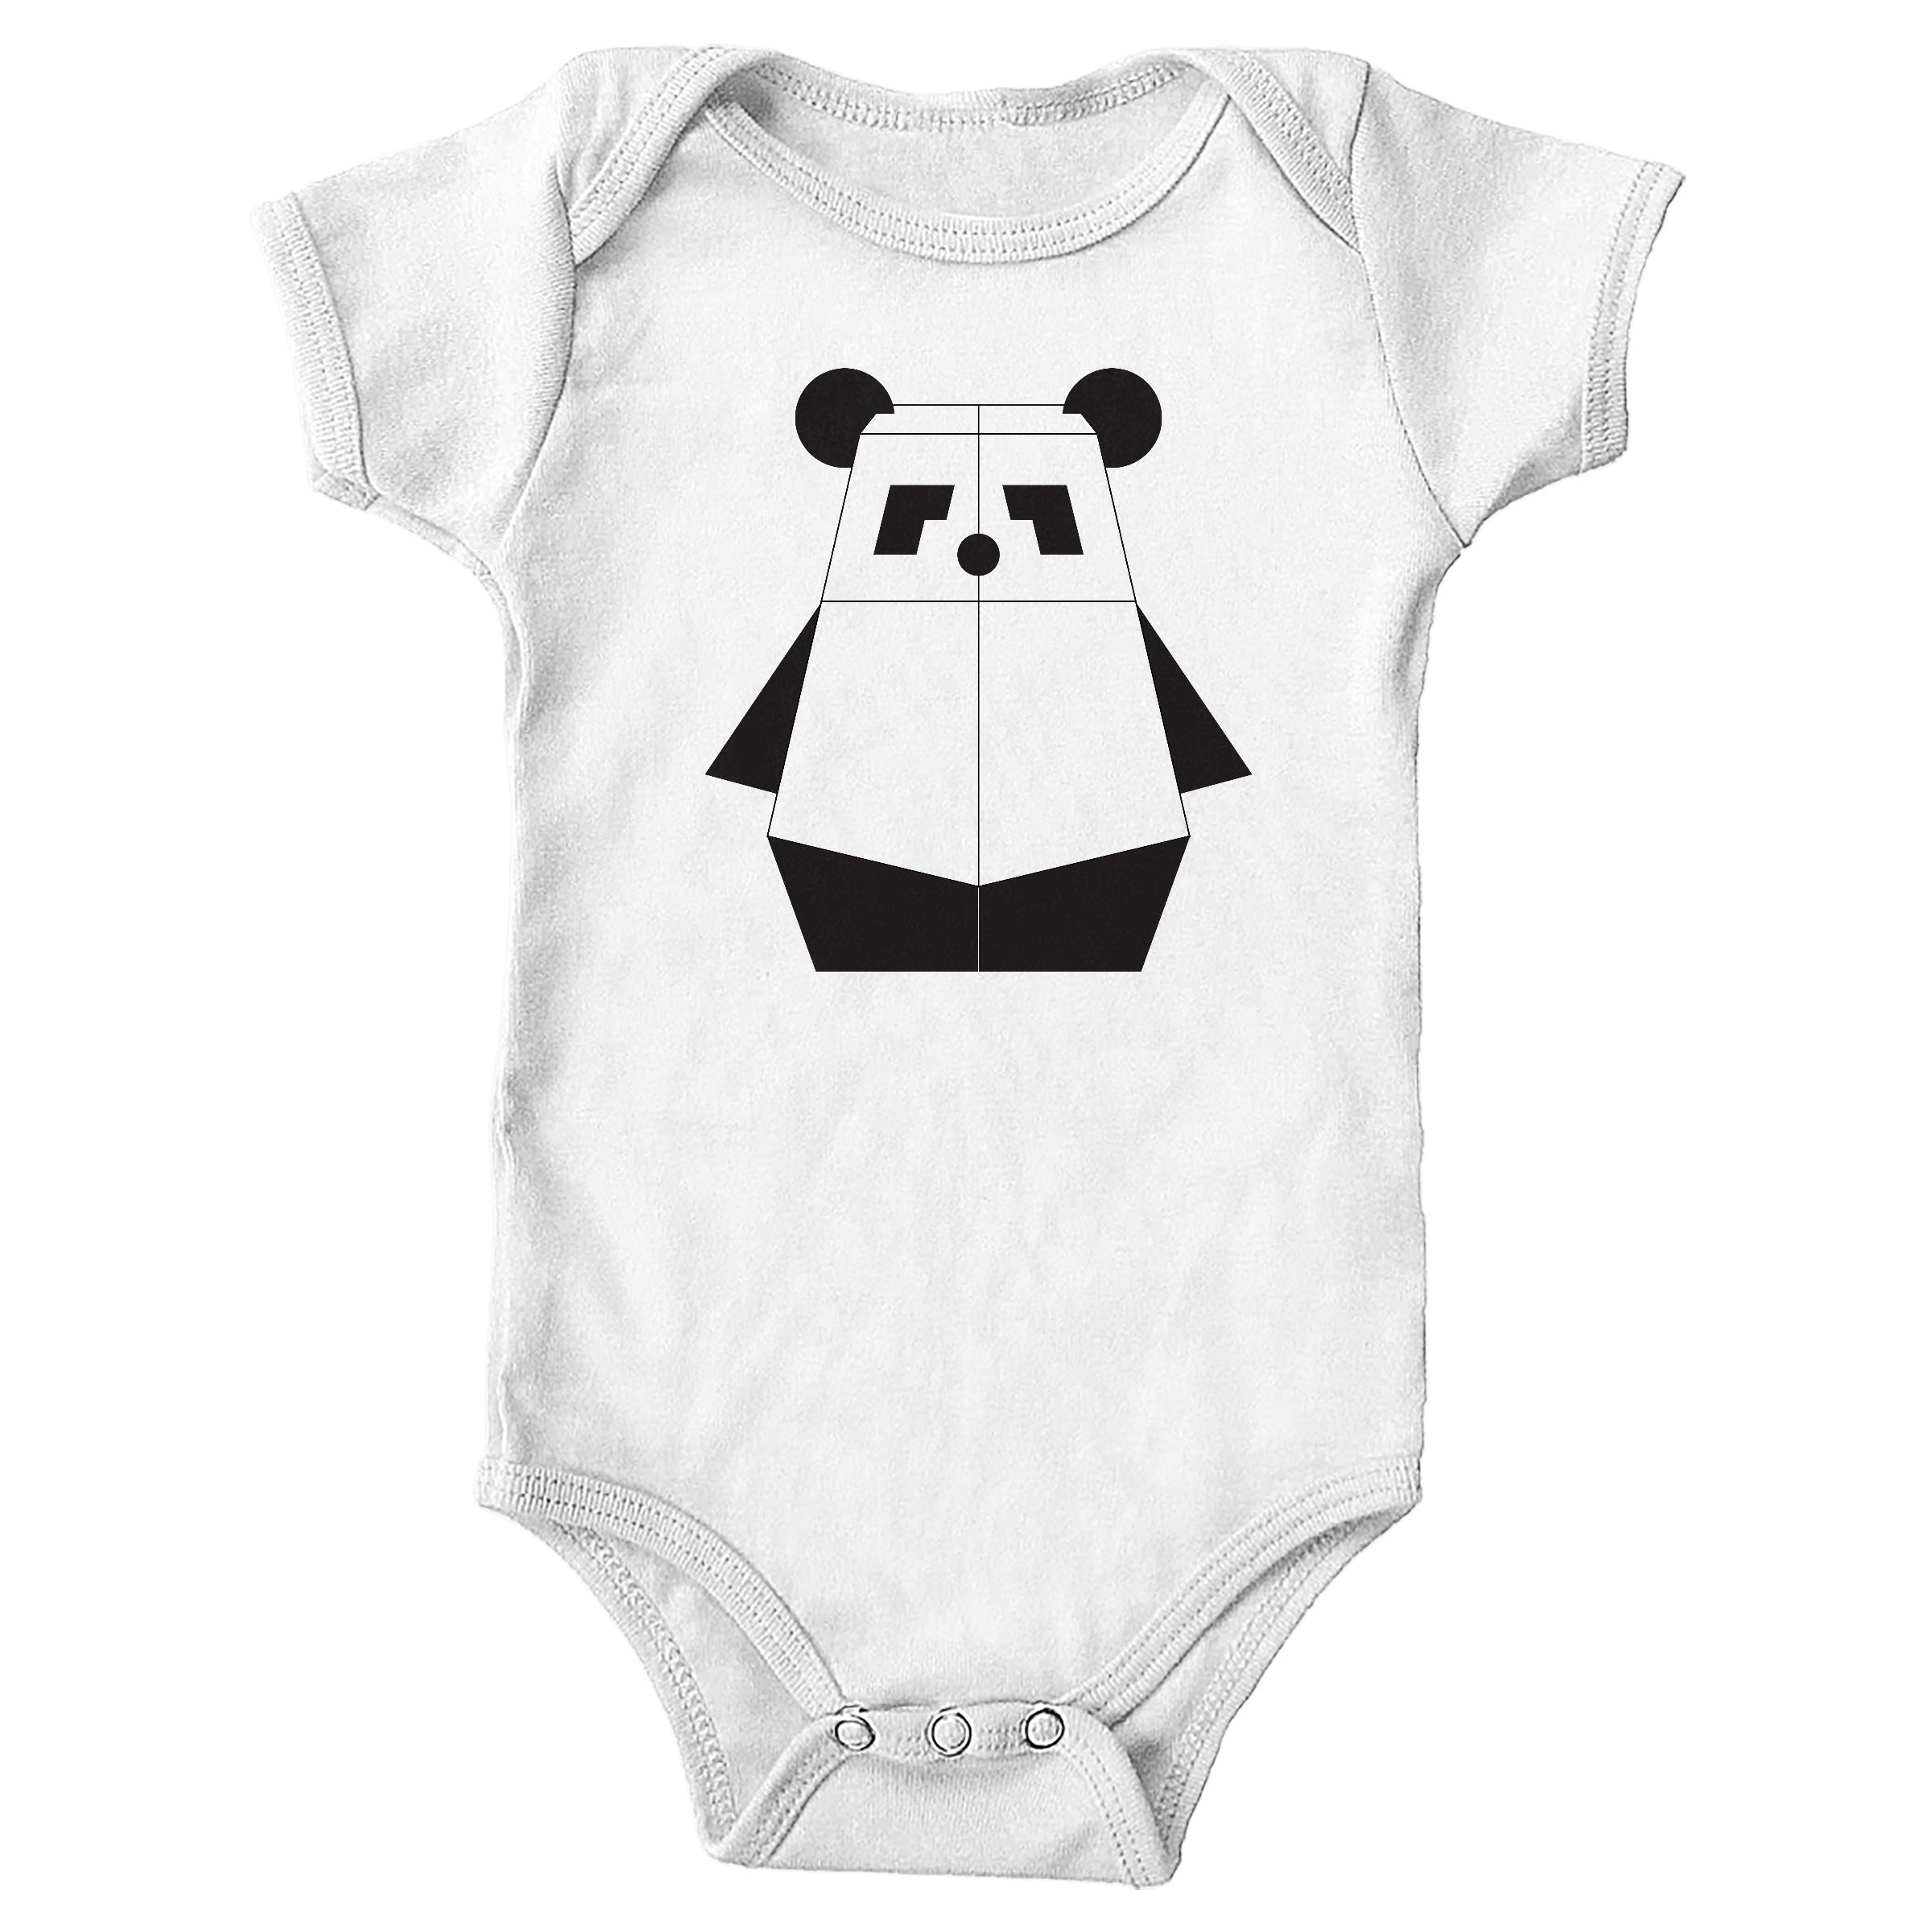 Pandabot White (Onesie)